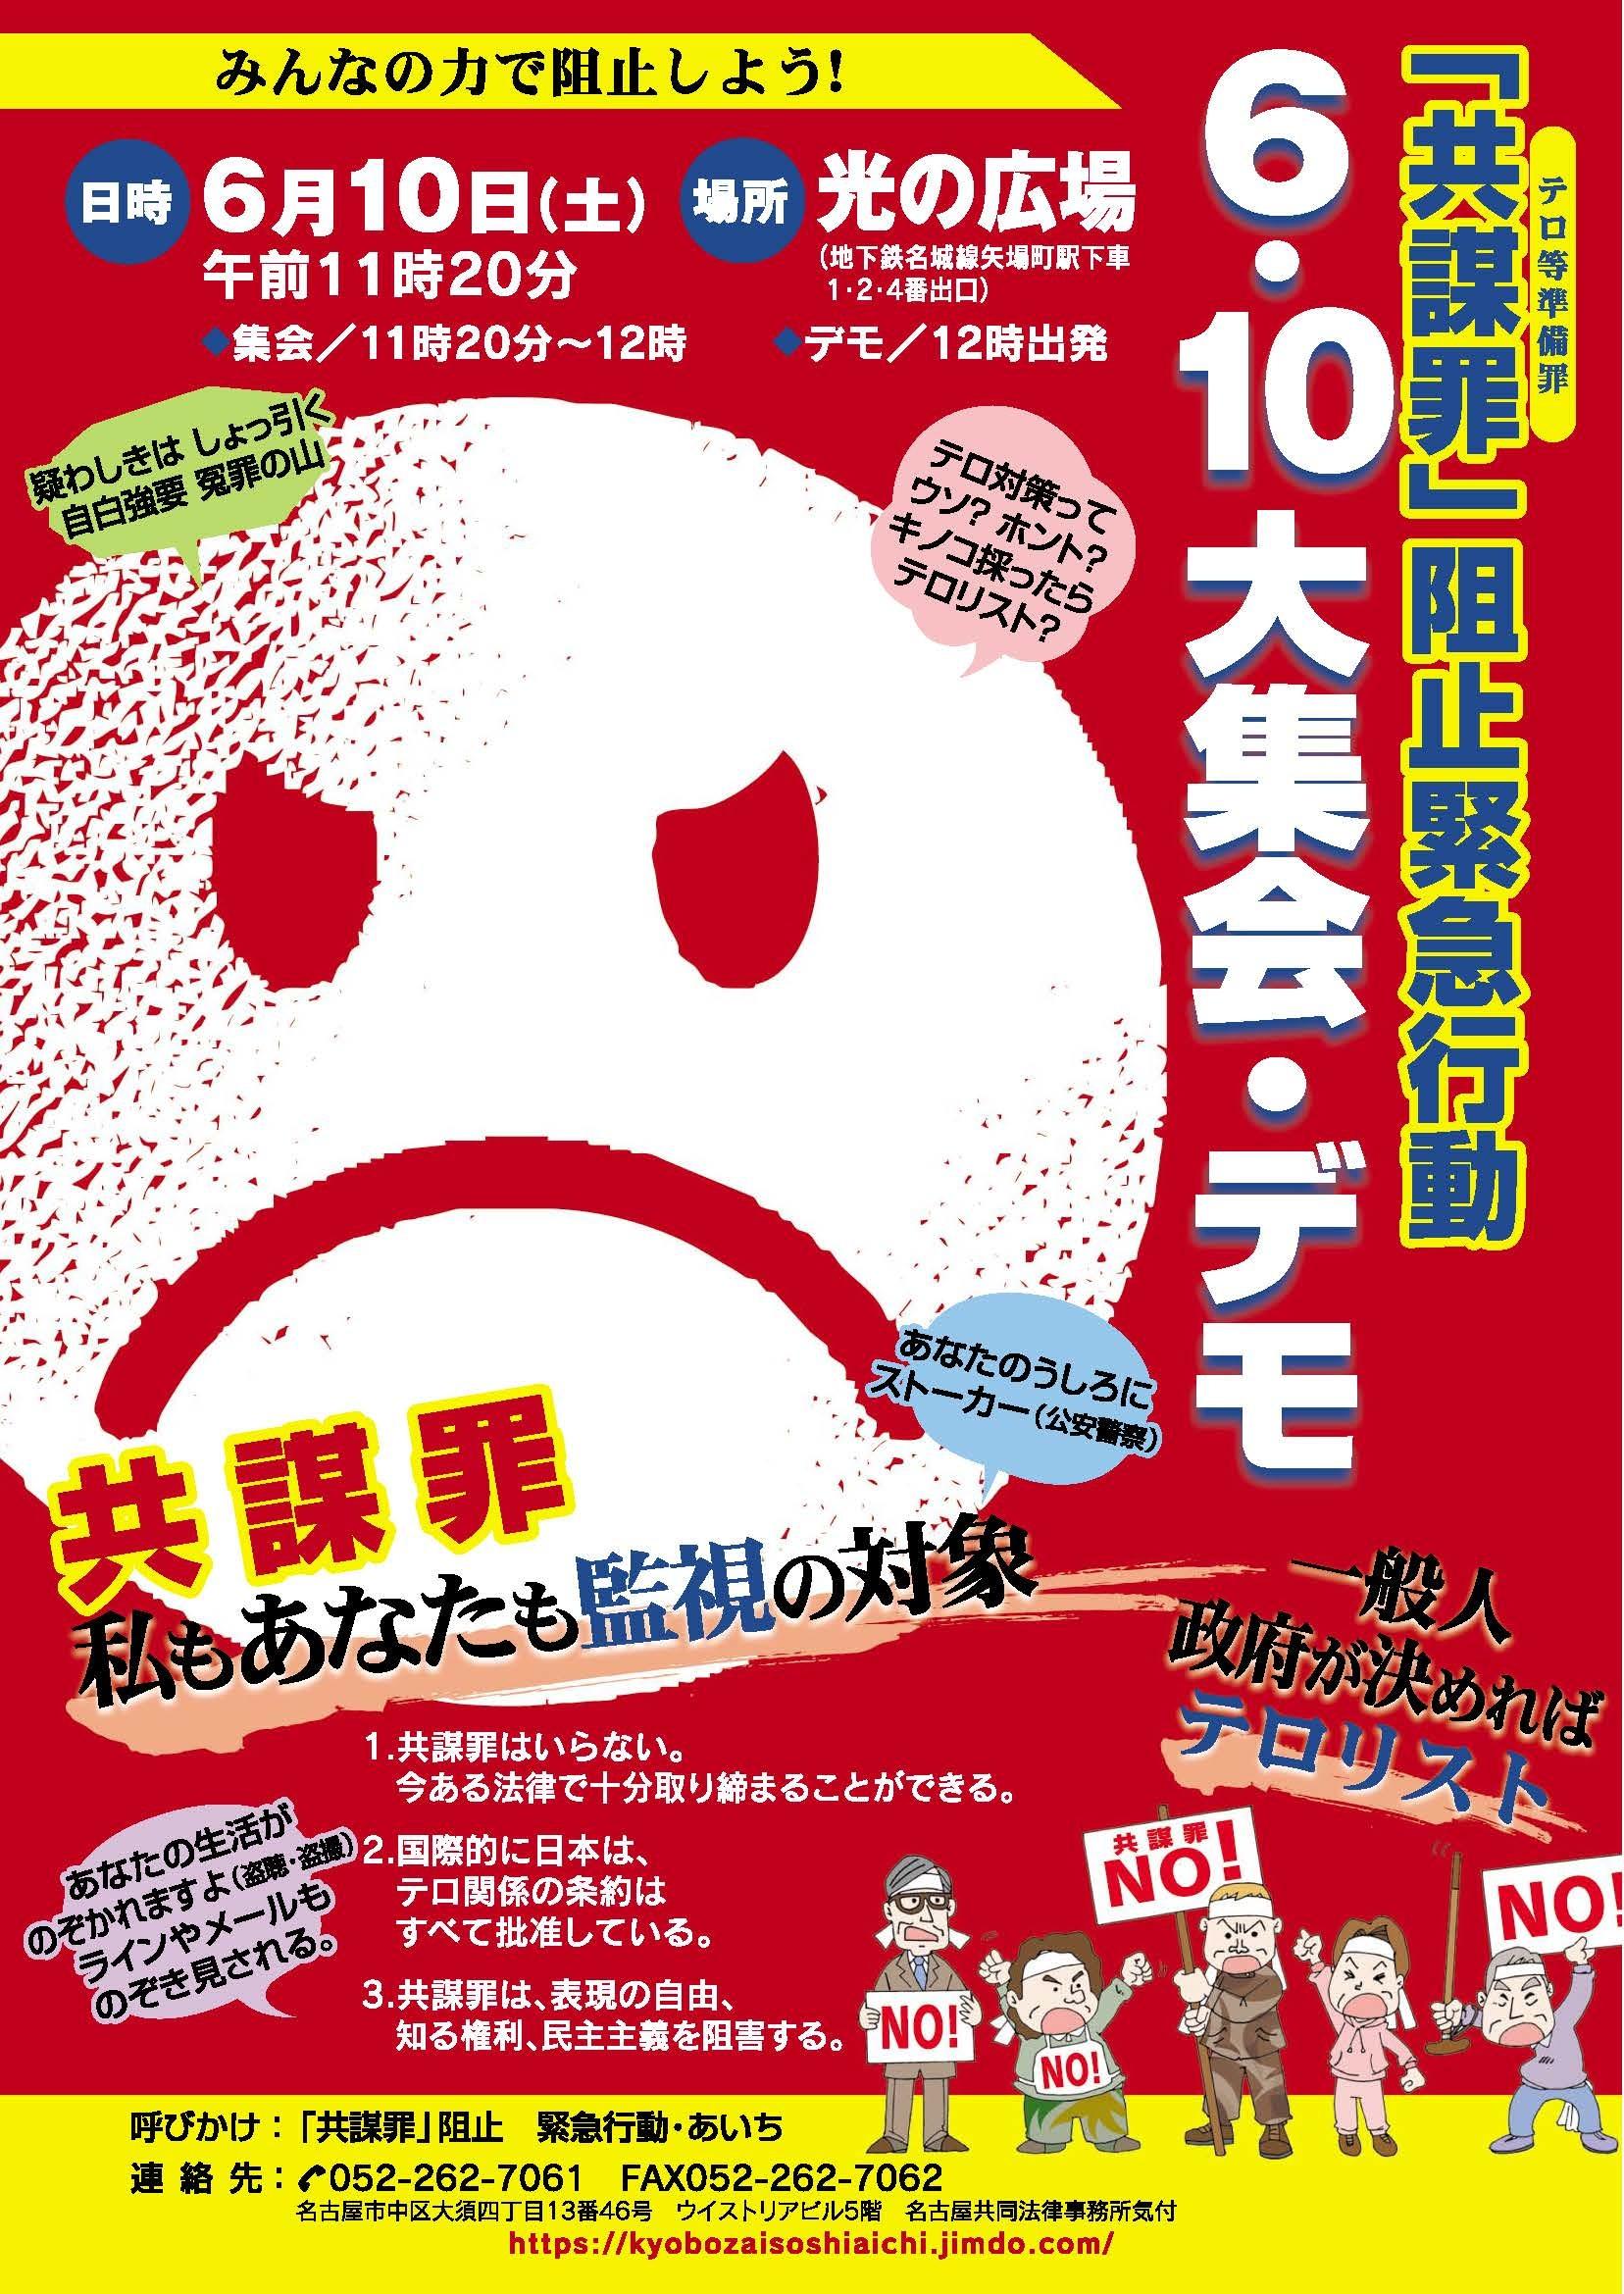 共謀罪阻止のため、6/10(土)11時20分~ 光の広場に集まろう!(名古屋)_c0241022_18200341.jpg